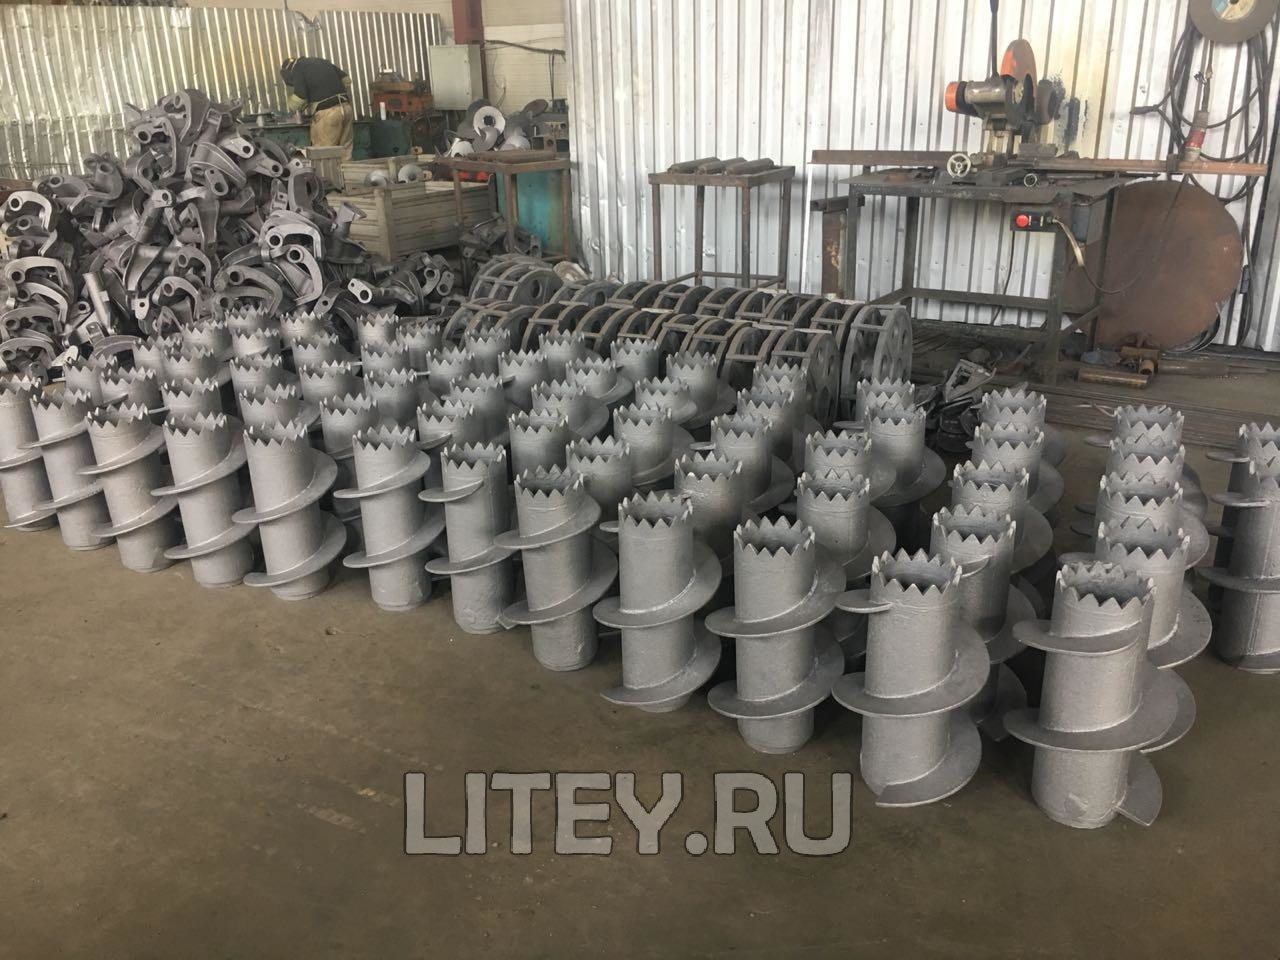 наконечник СВЛМ-168 для вечной мерзлоты (1)